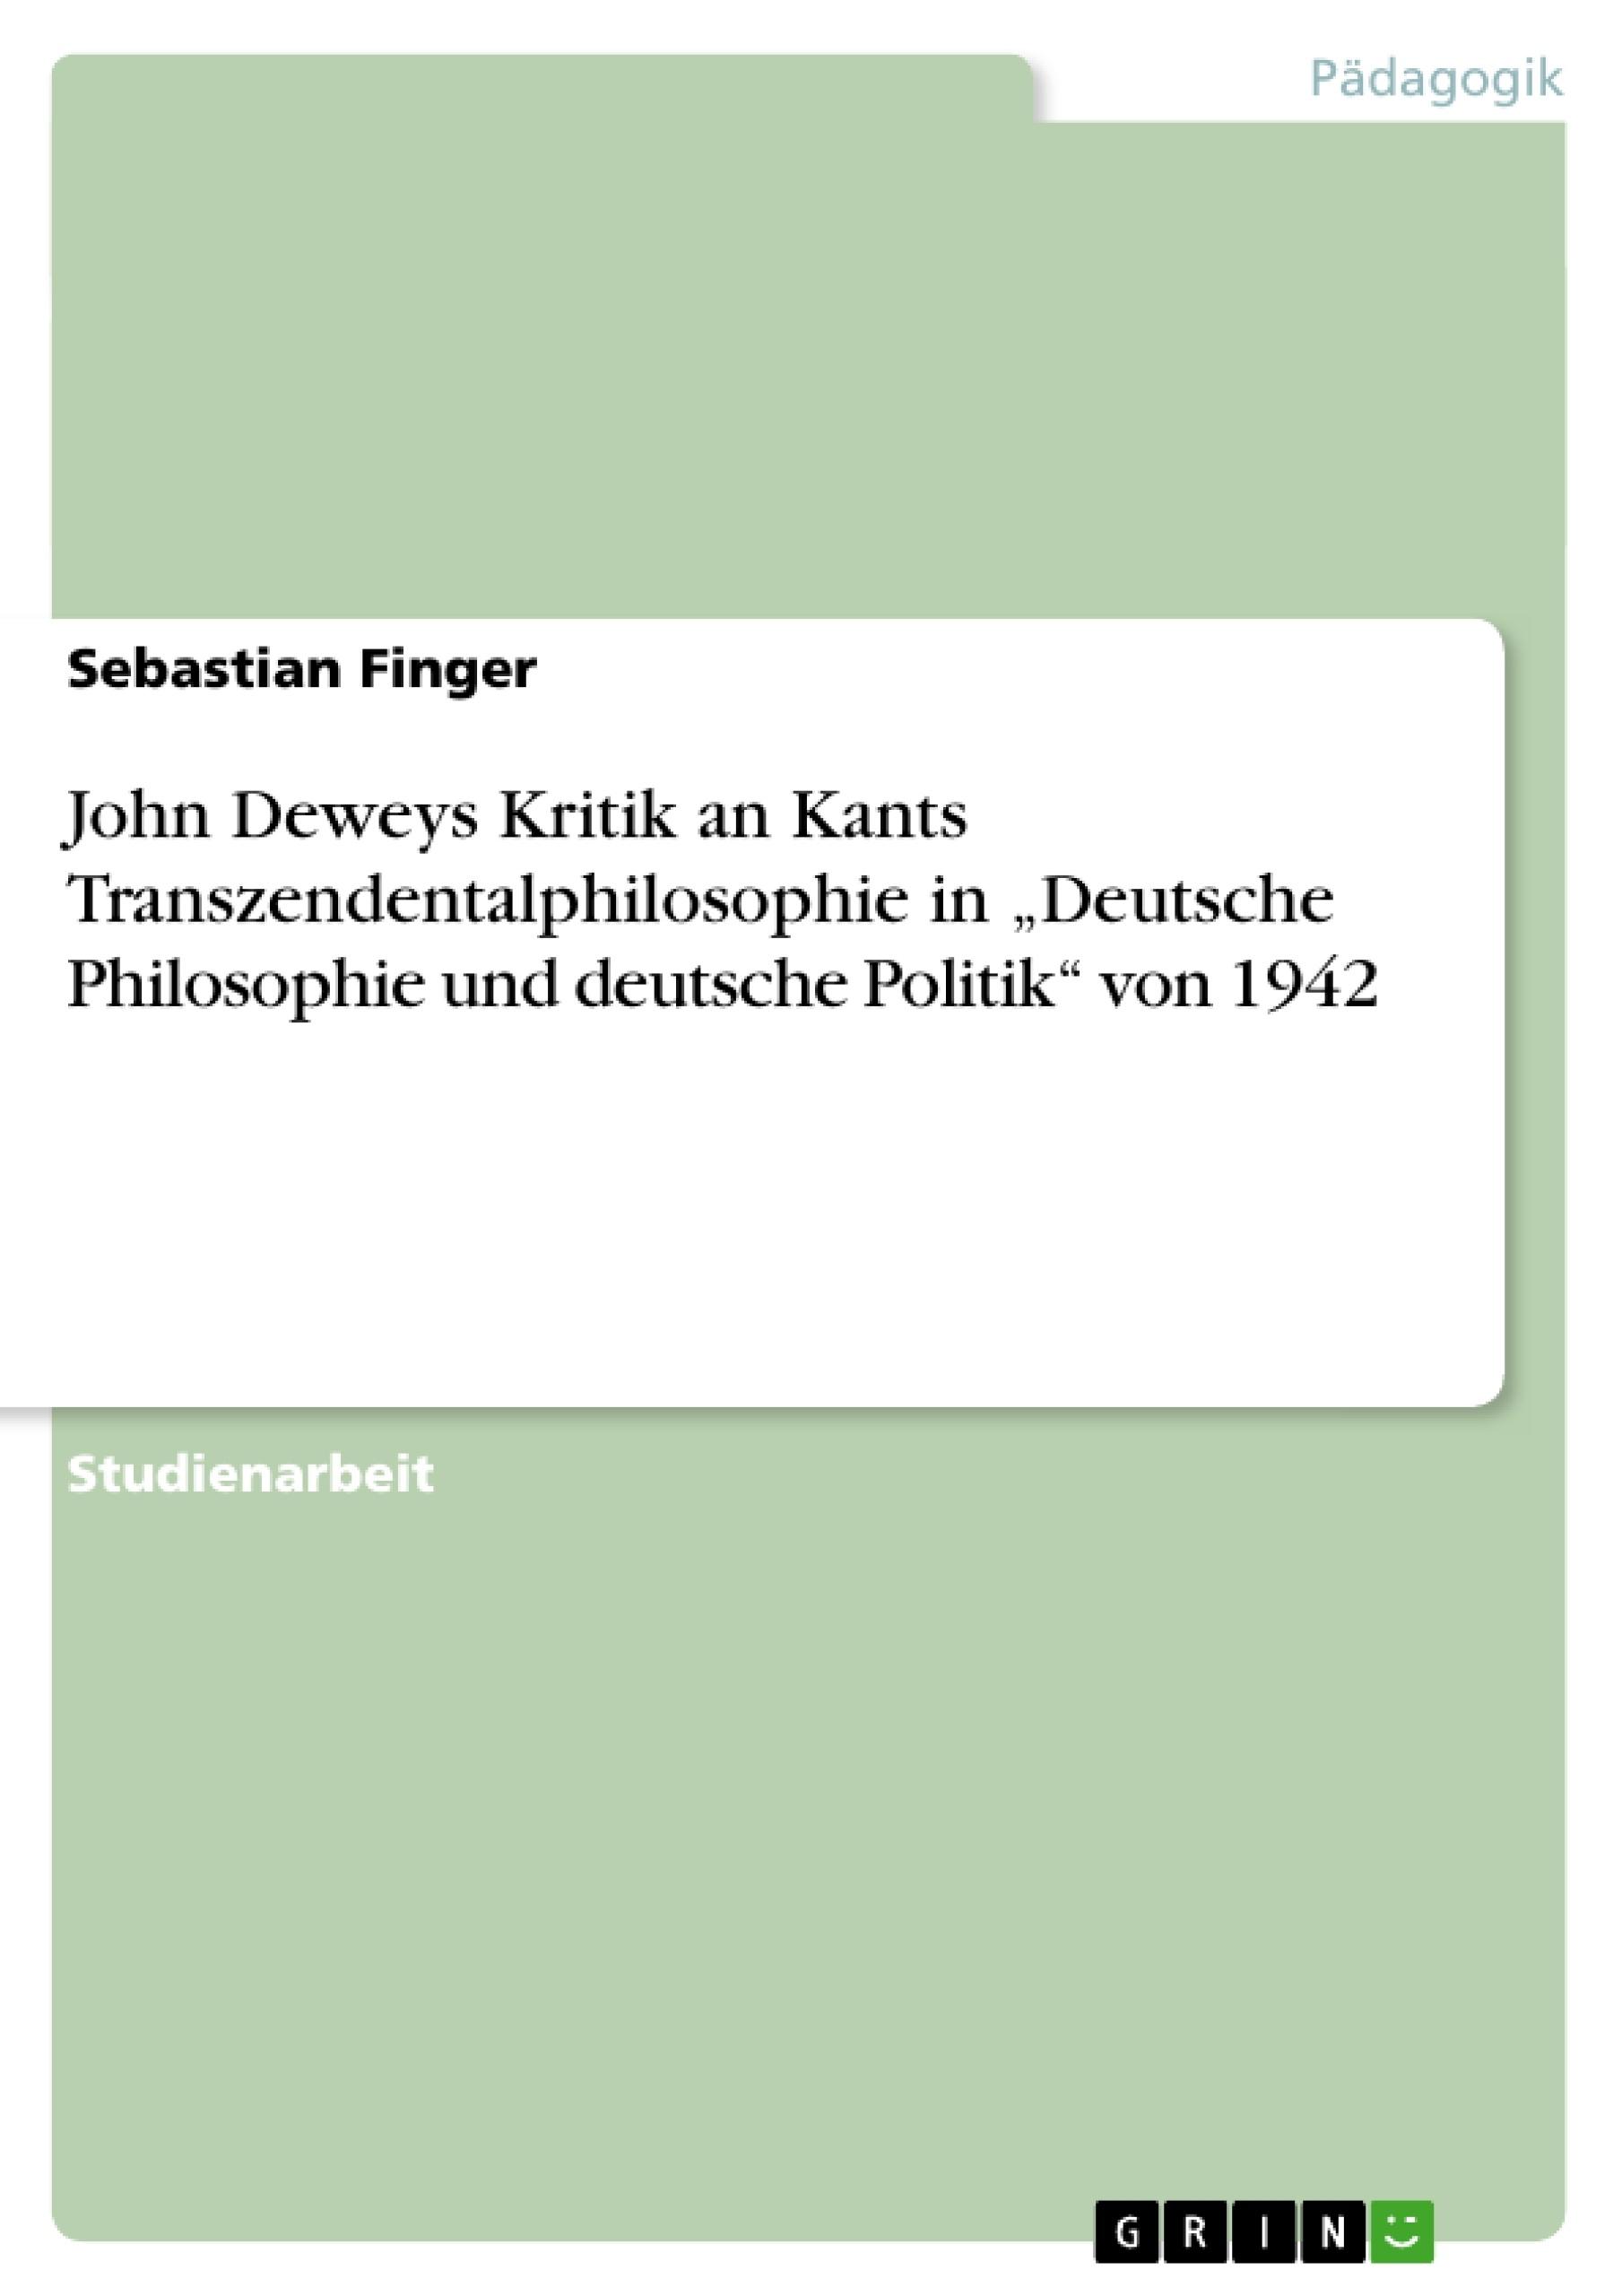 """Titel: John Deweys Kritik an Kants Transzendentalphilosophie in """"Deutsche Philosophie und deutsche Politik"""" von 1942"""